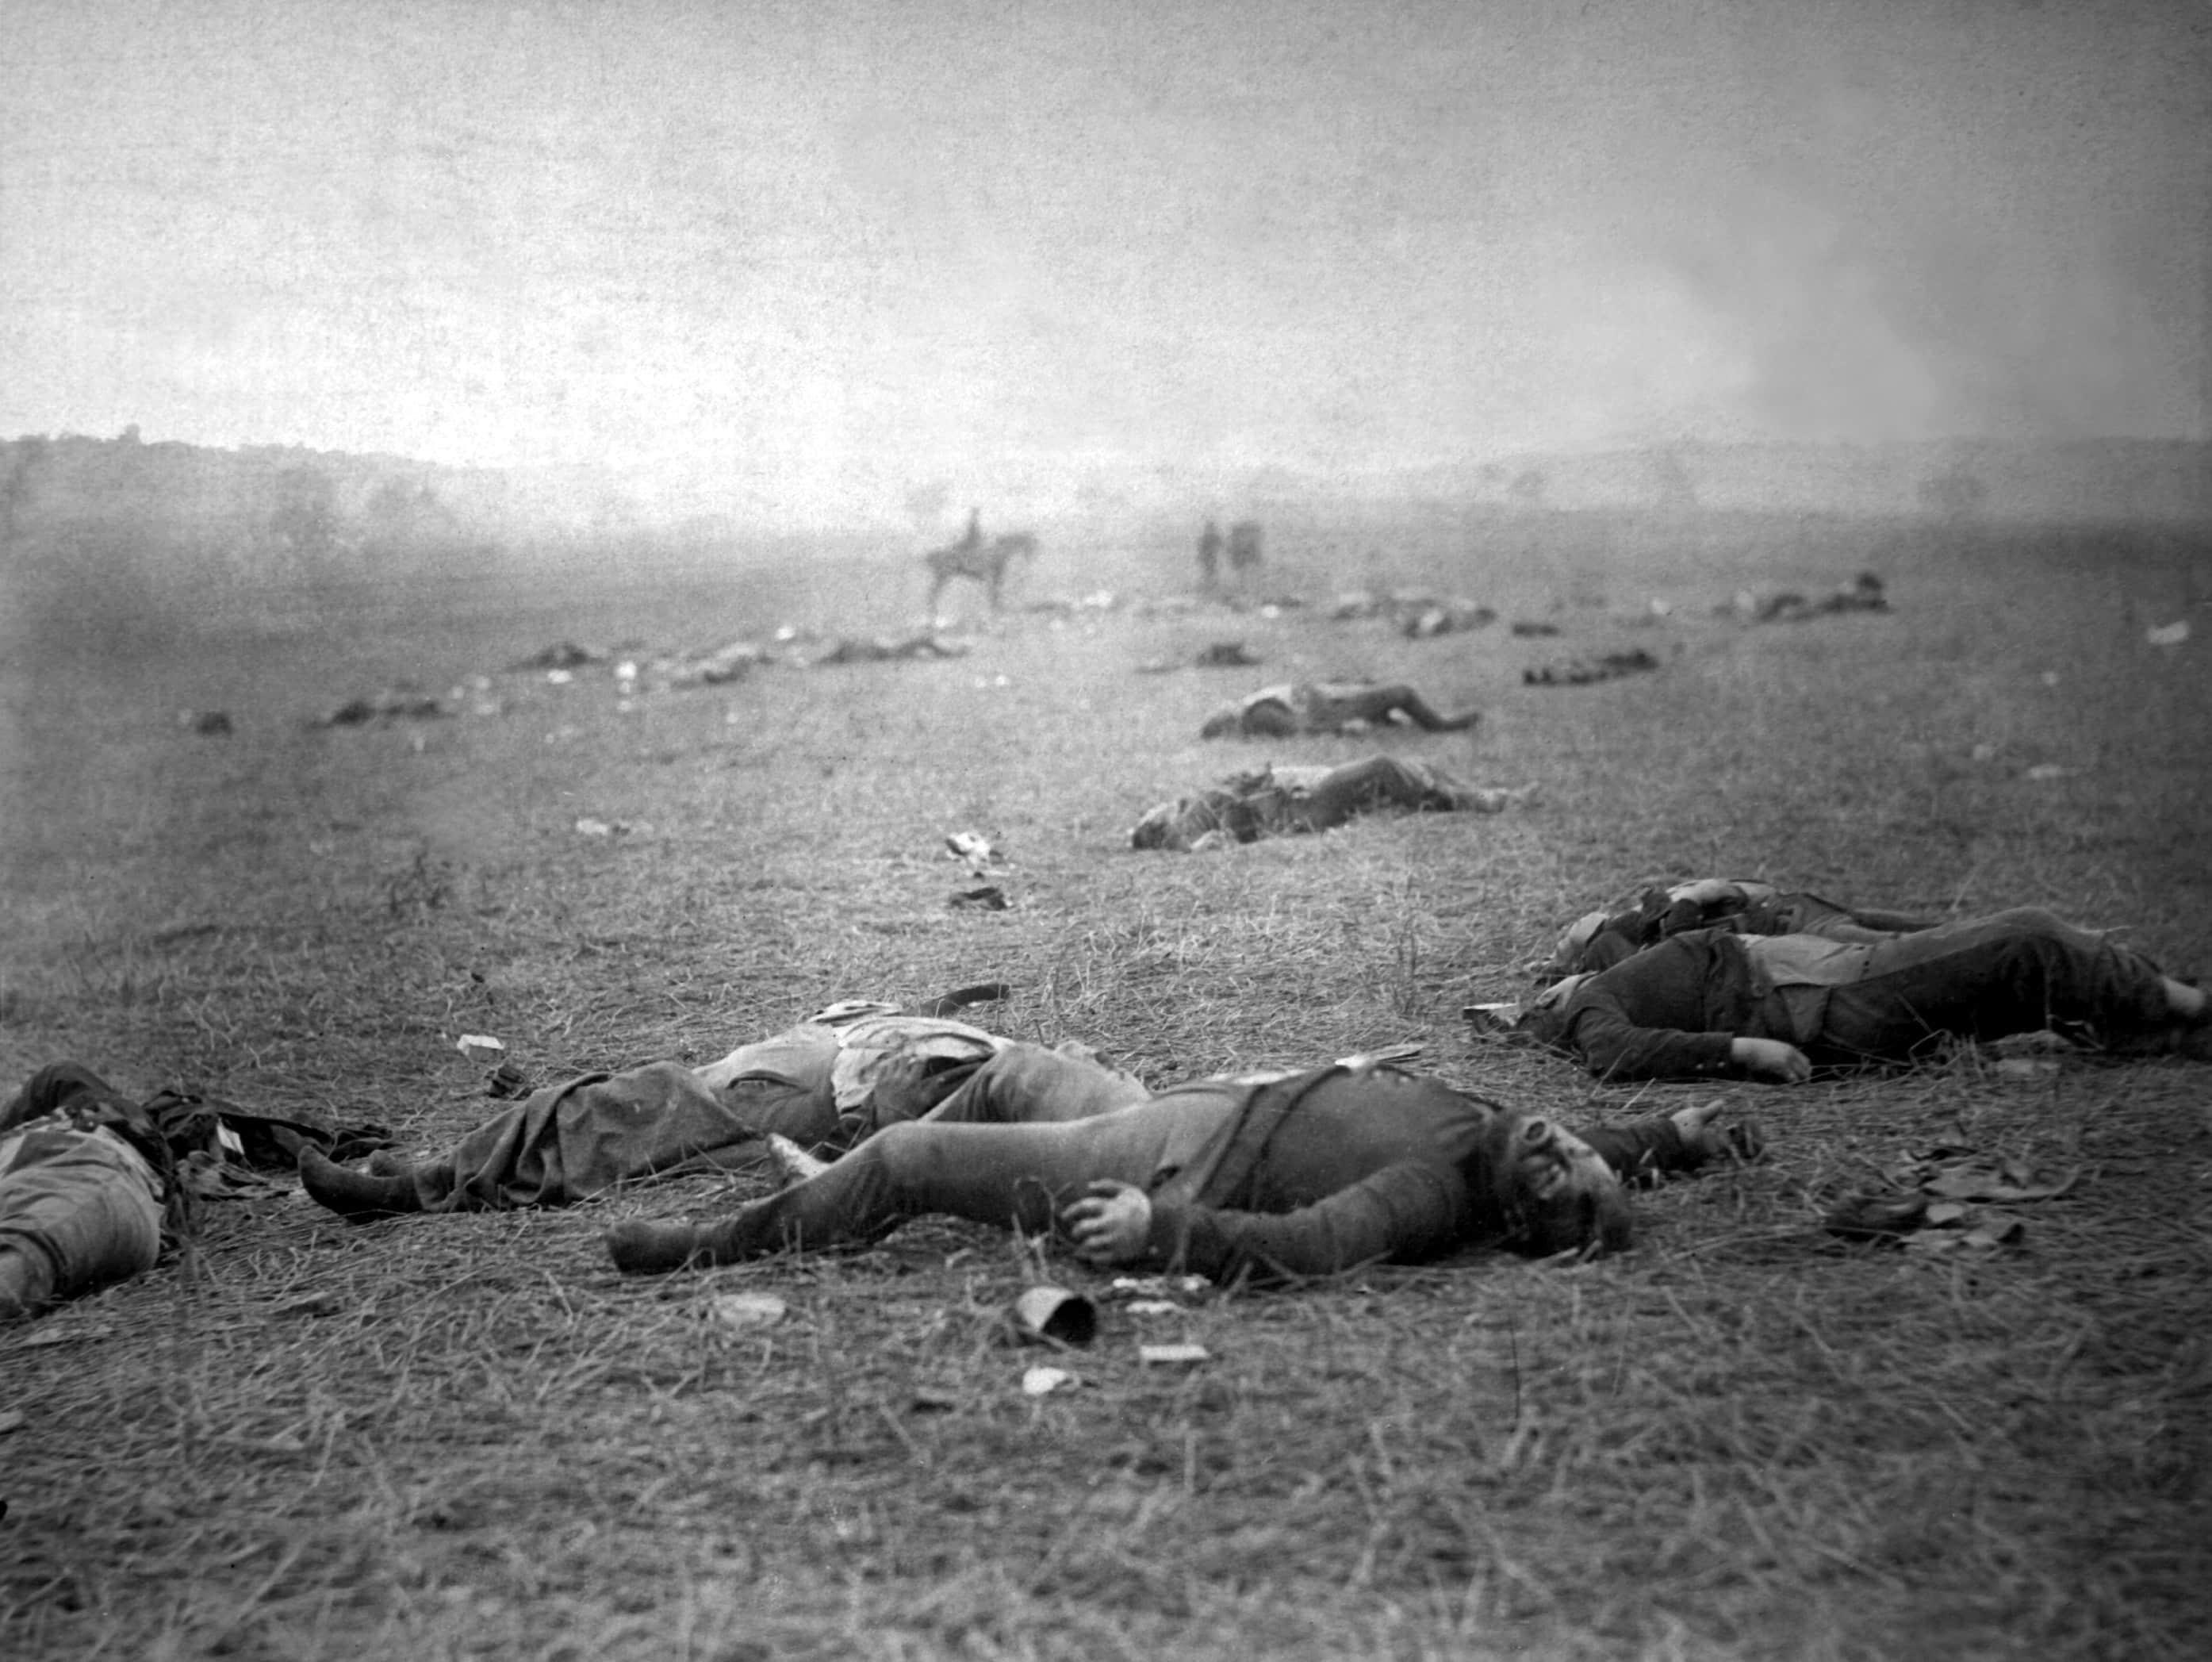 Battle of Gettysburg min